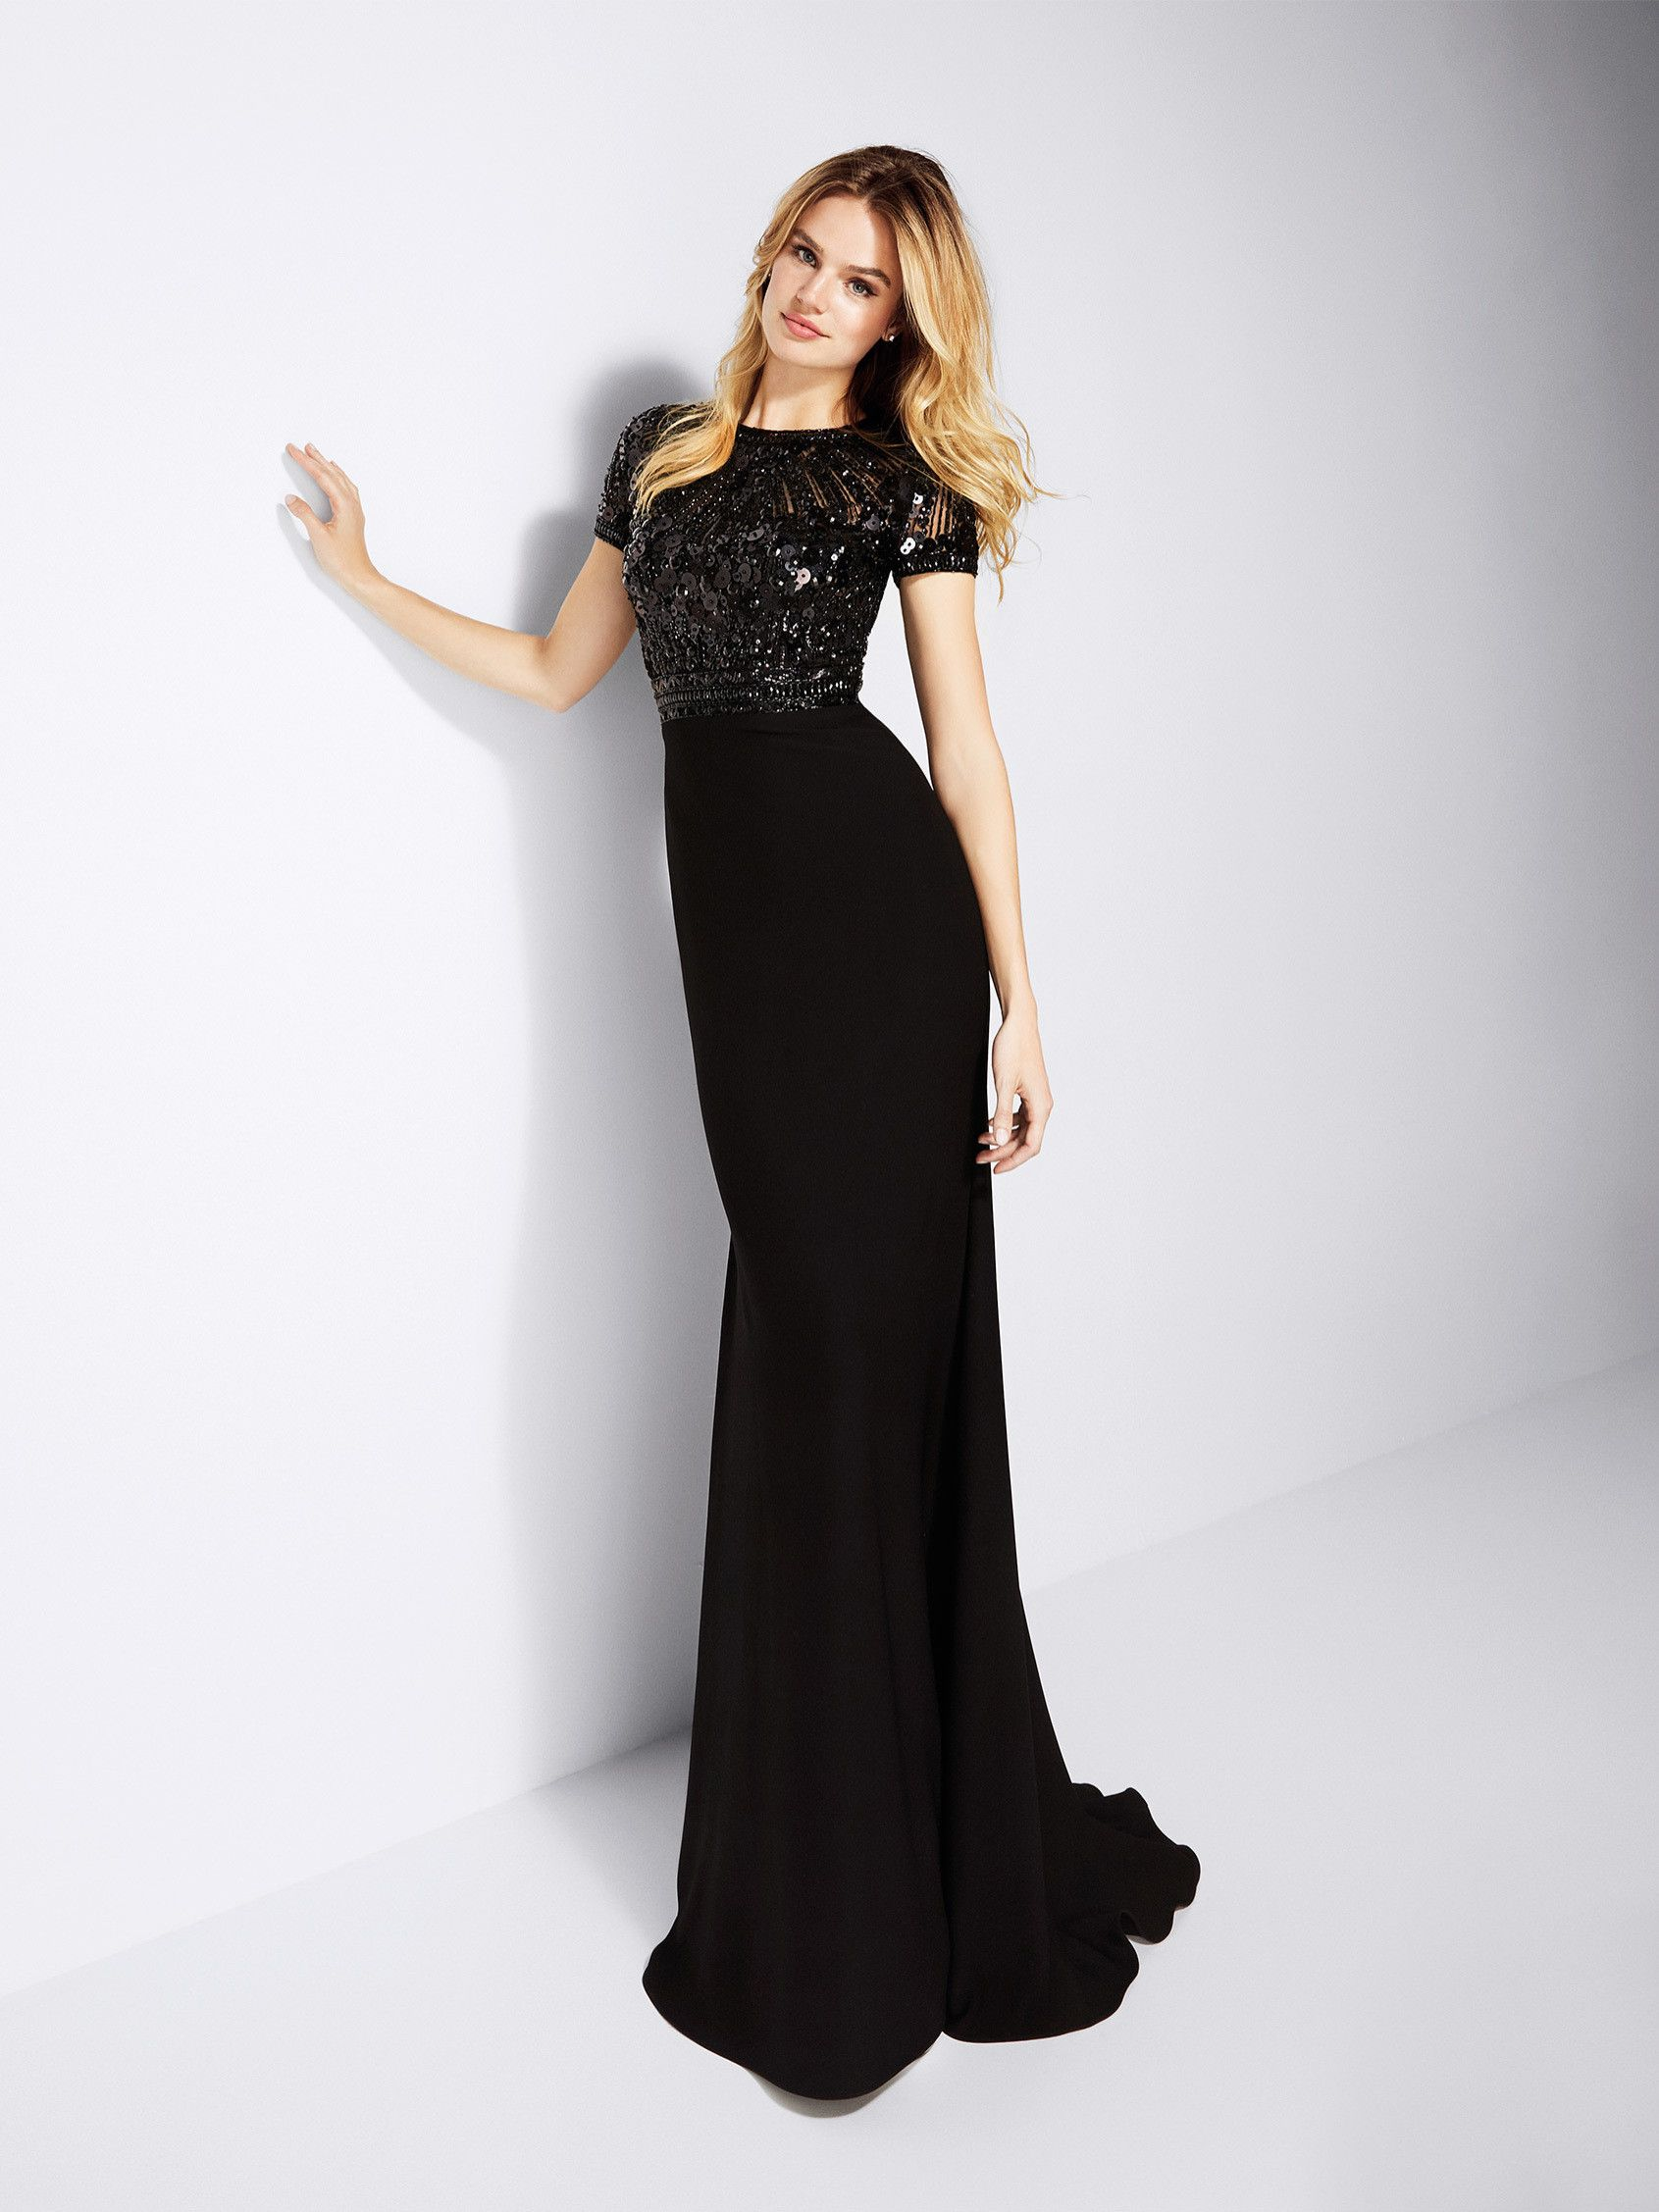 8f737efe159 Vestido de noche negro femenino - Colección fiesta 2018 Pronovias ...